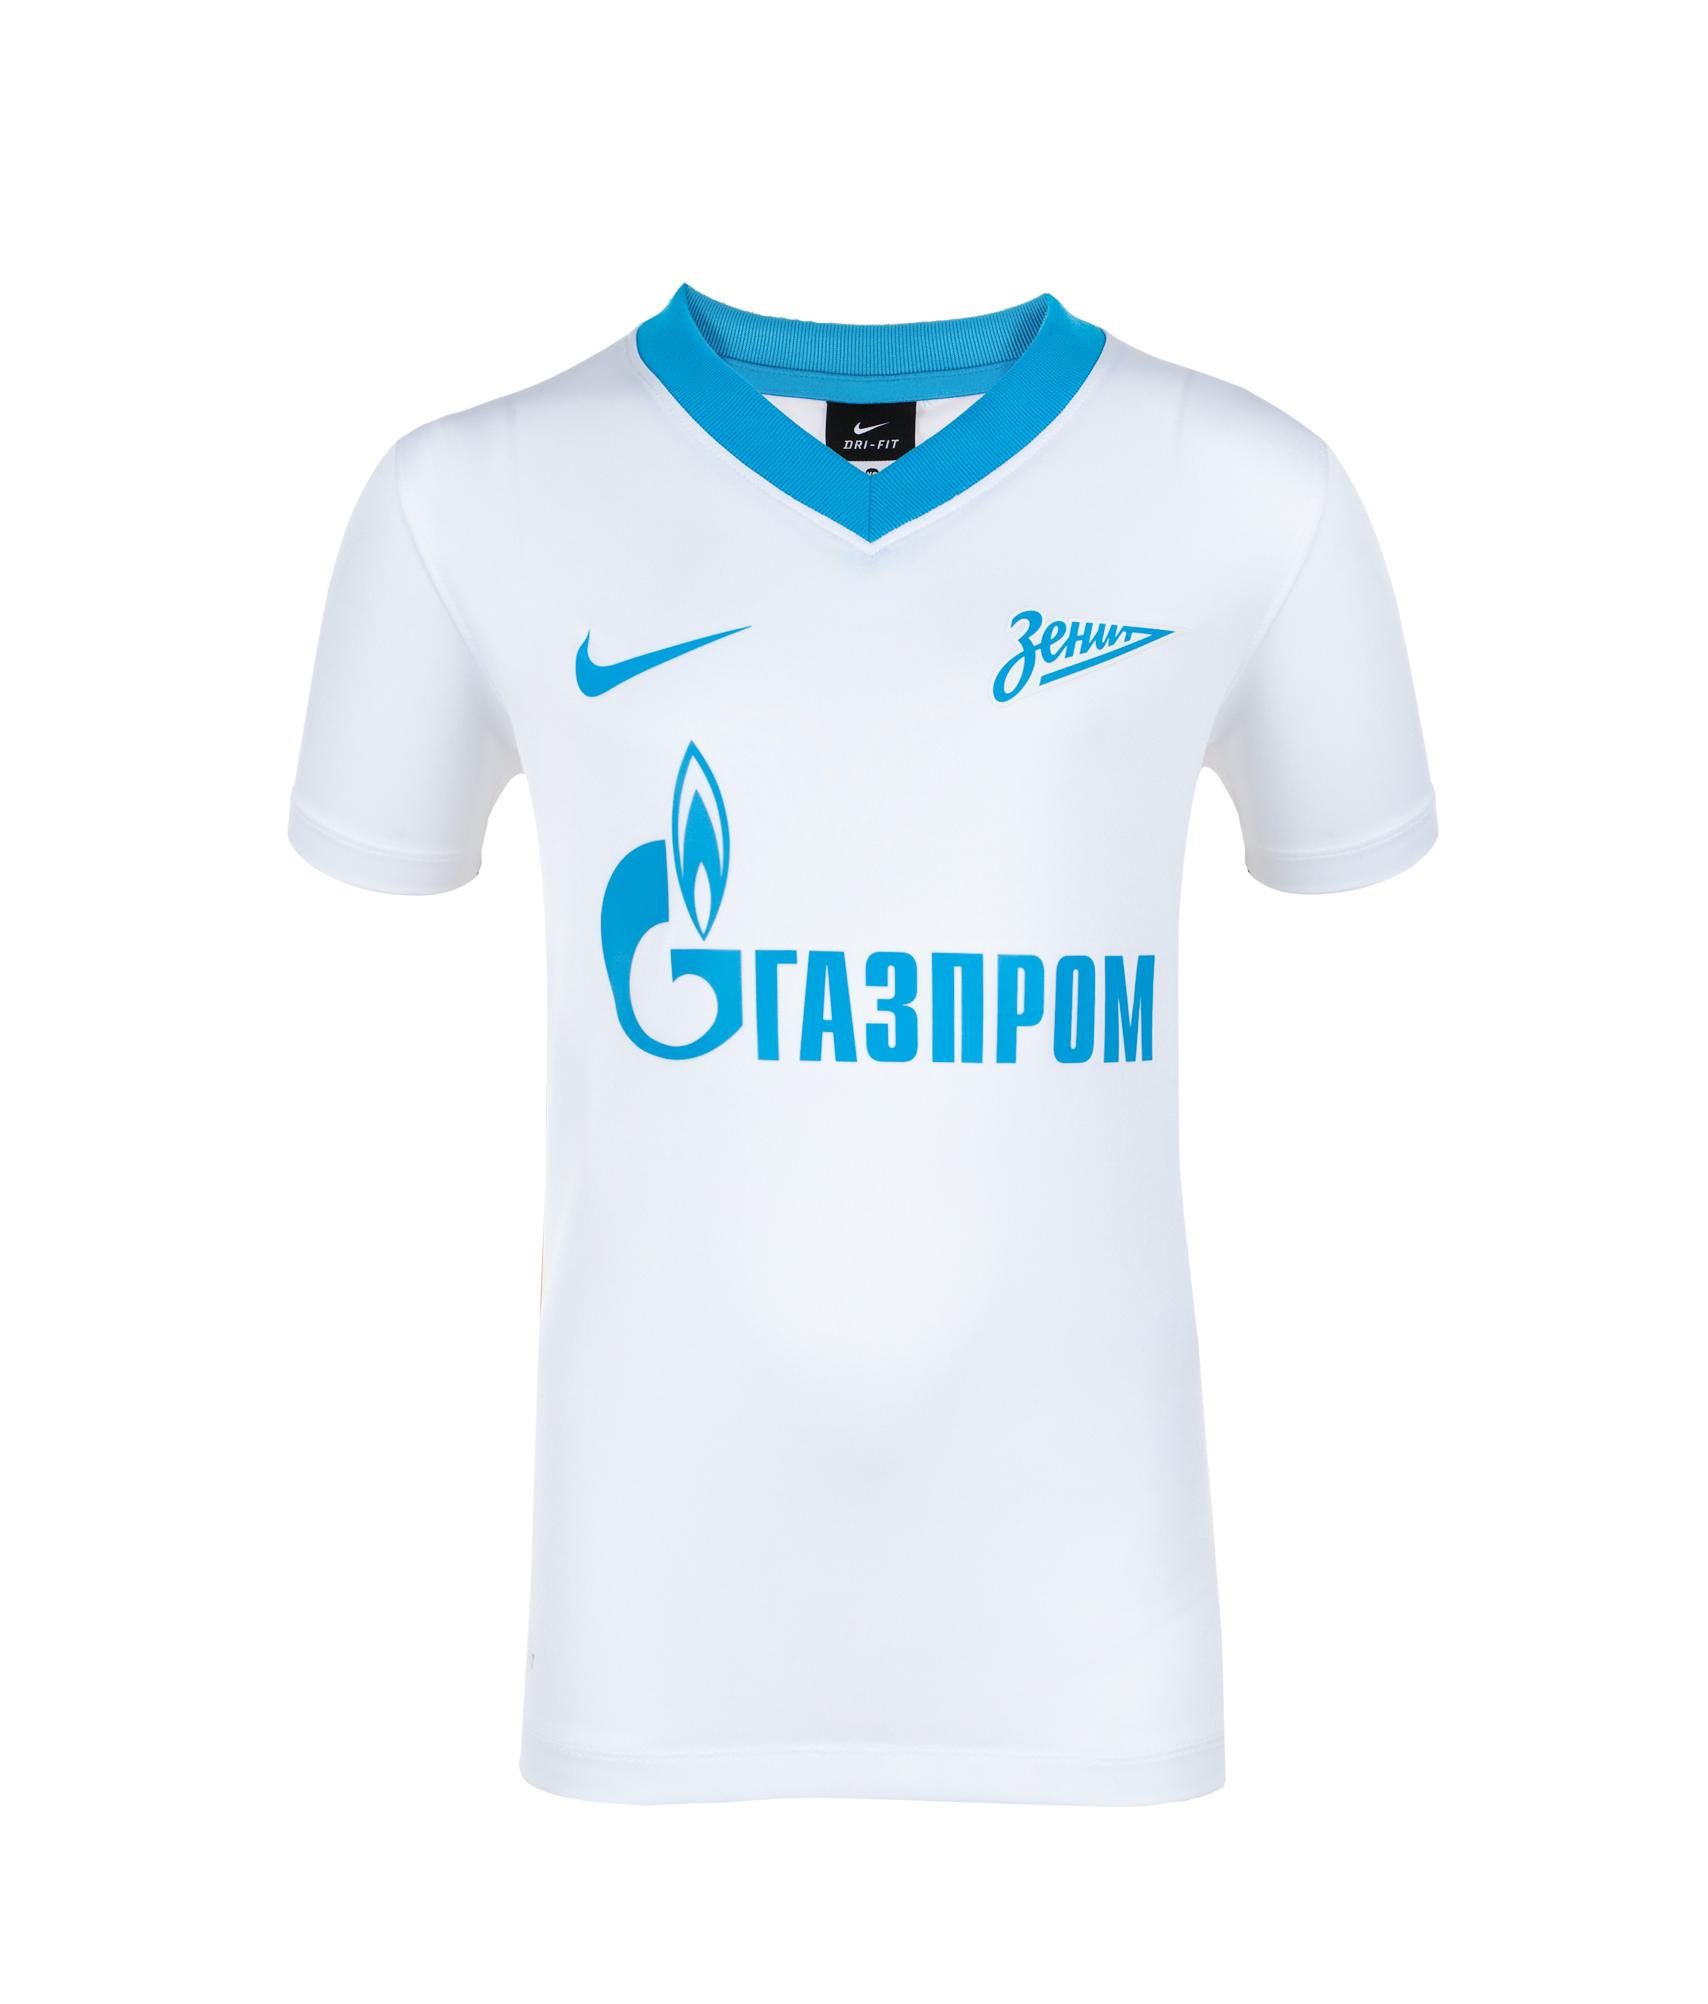 Детская выездная футболка, Цвет-Белый, Размер-XL